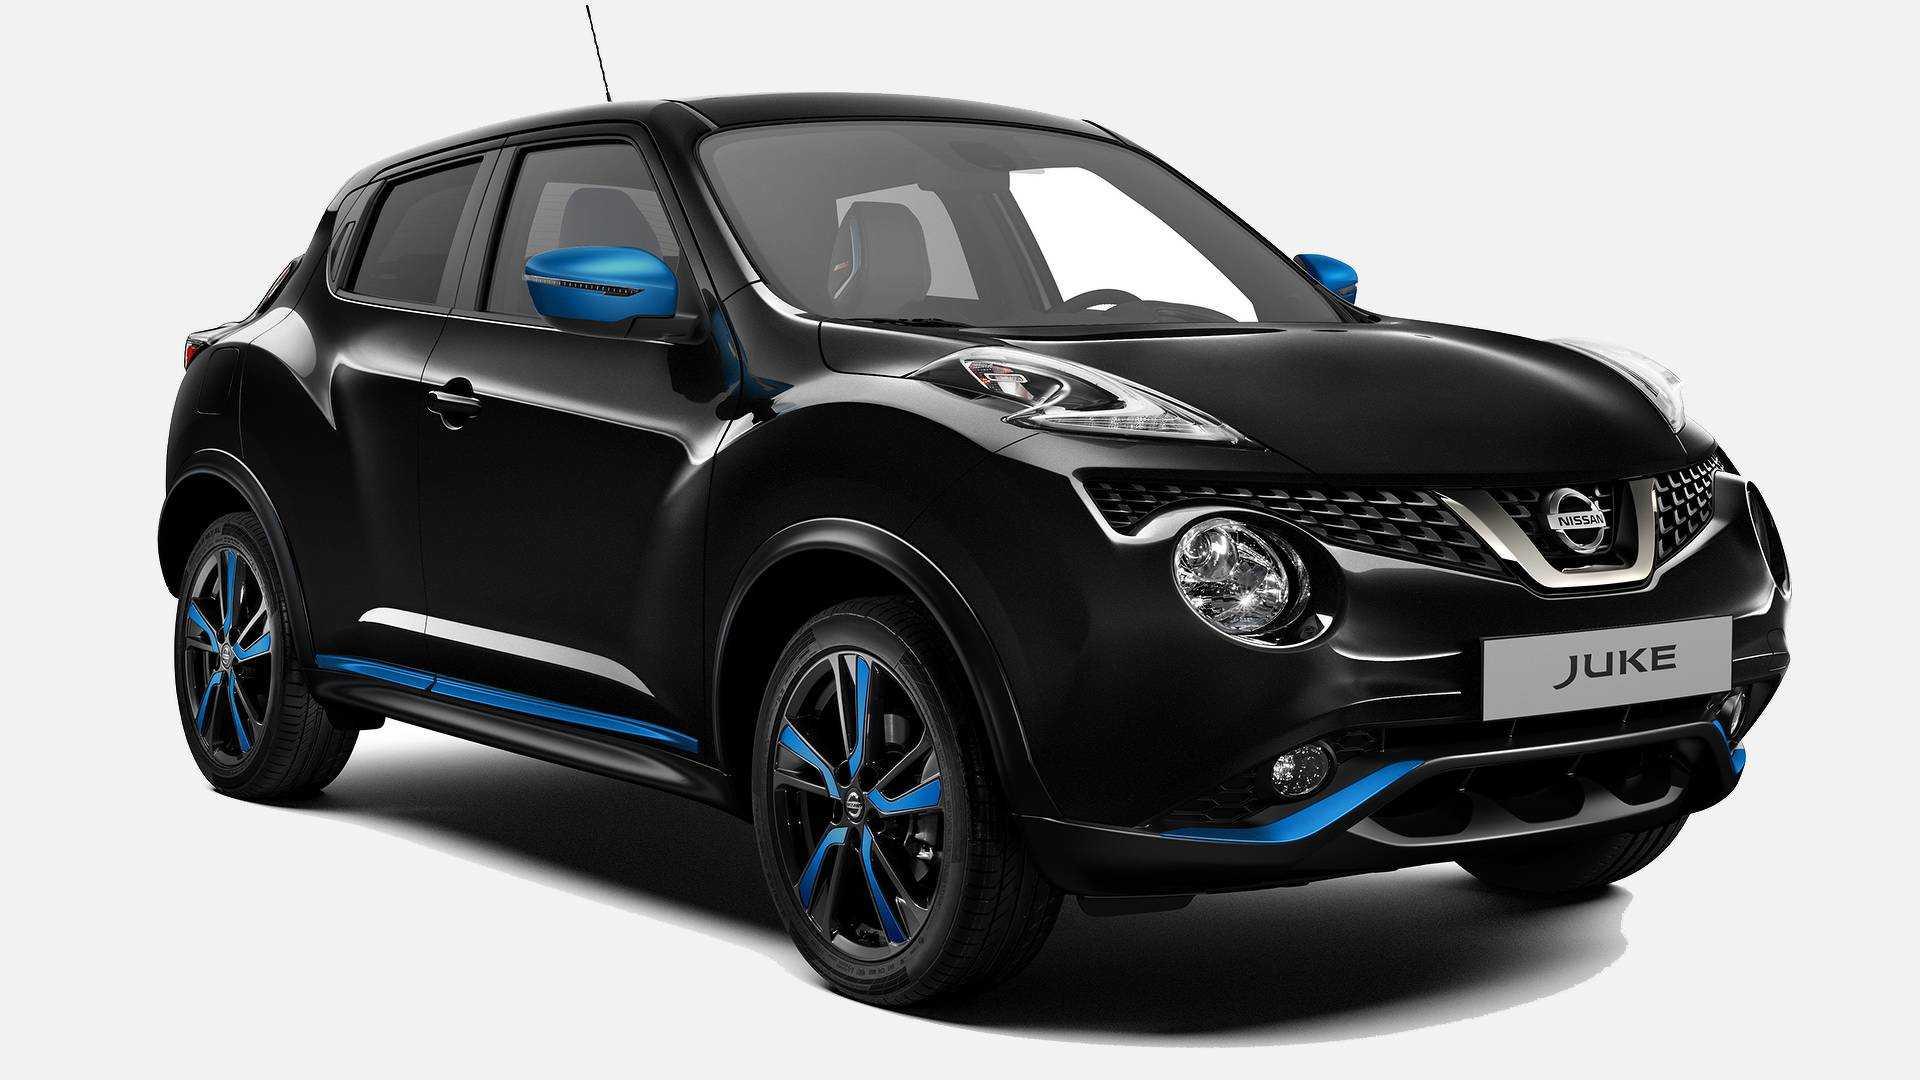 Nissan kicks 2021 года — новый кроссовер за 1,45 миллиона рублей с активным управлением и контролем динамики